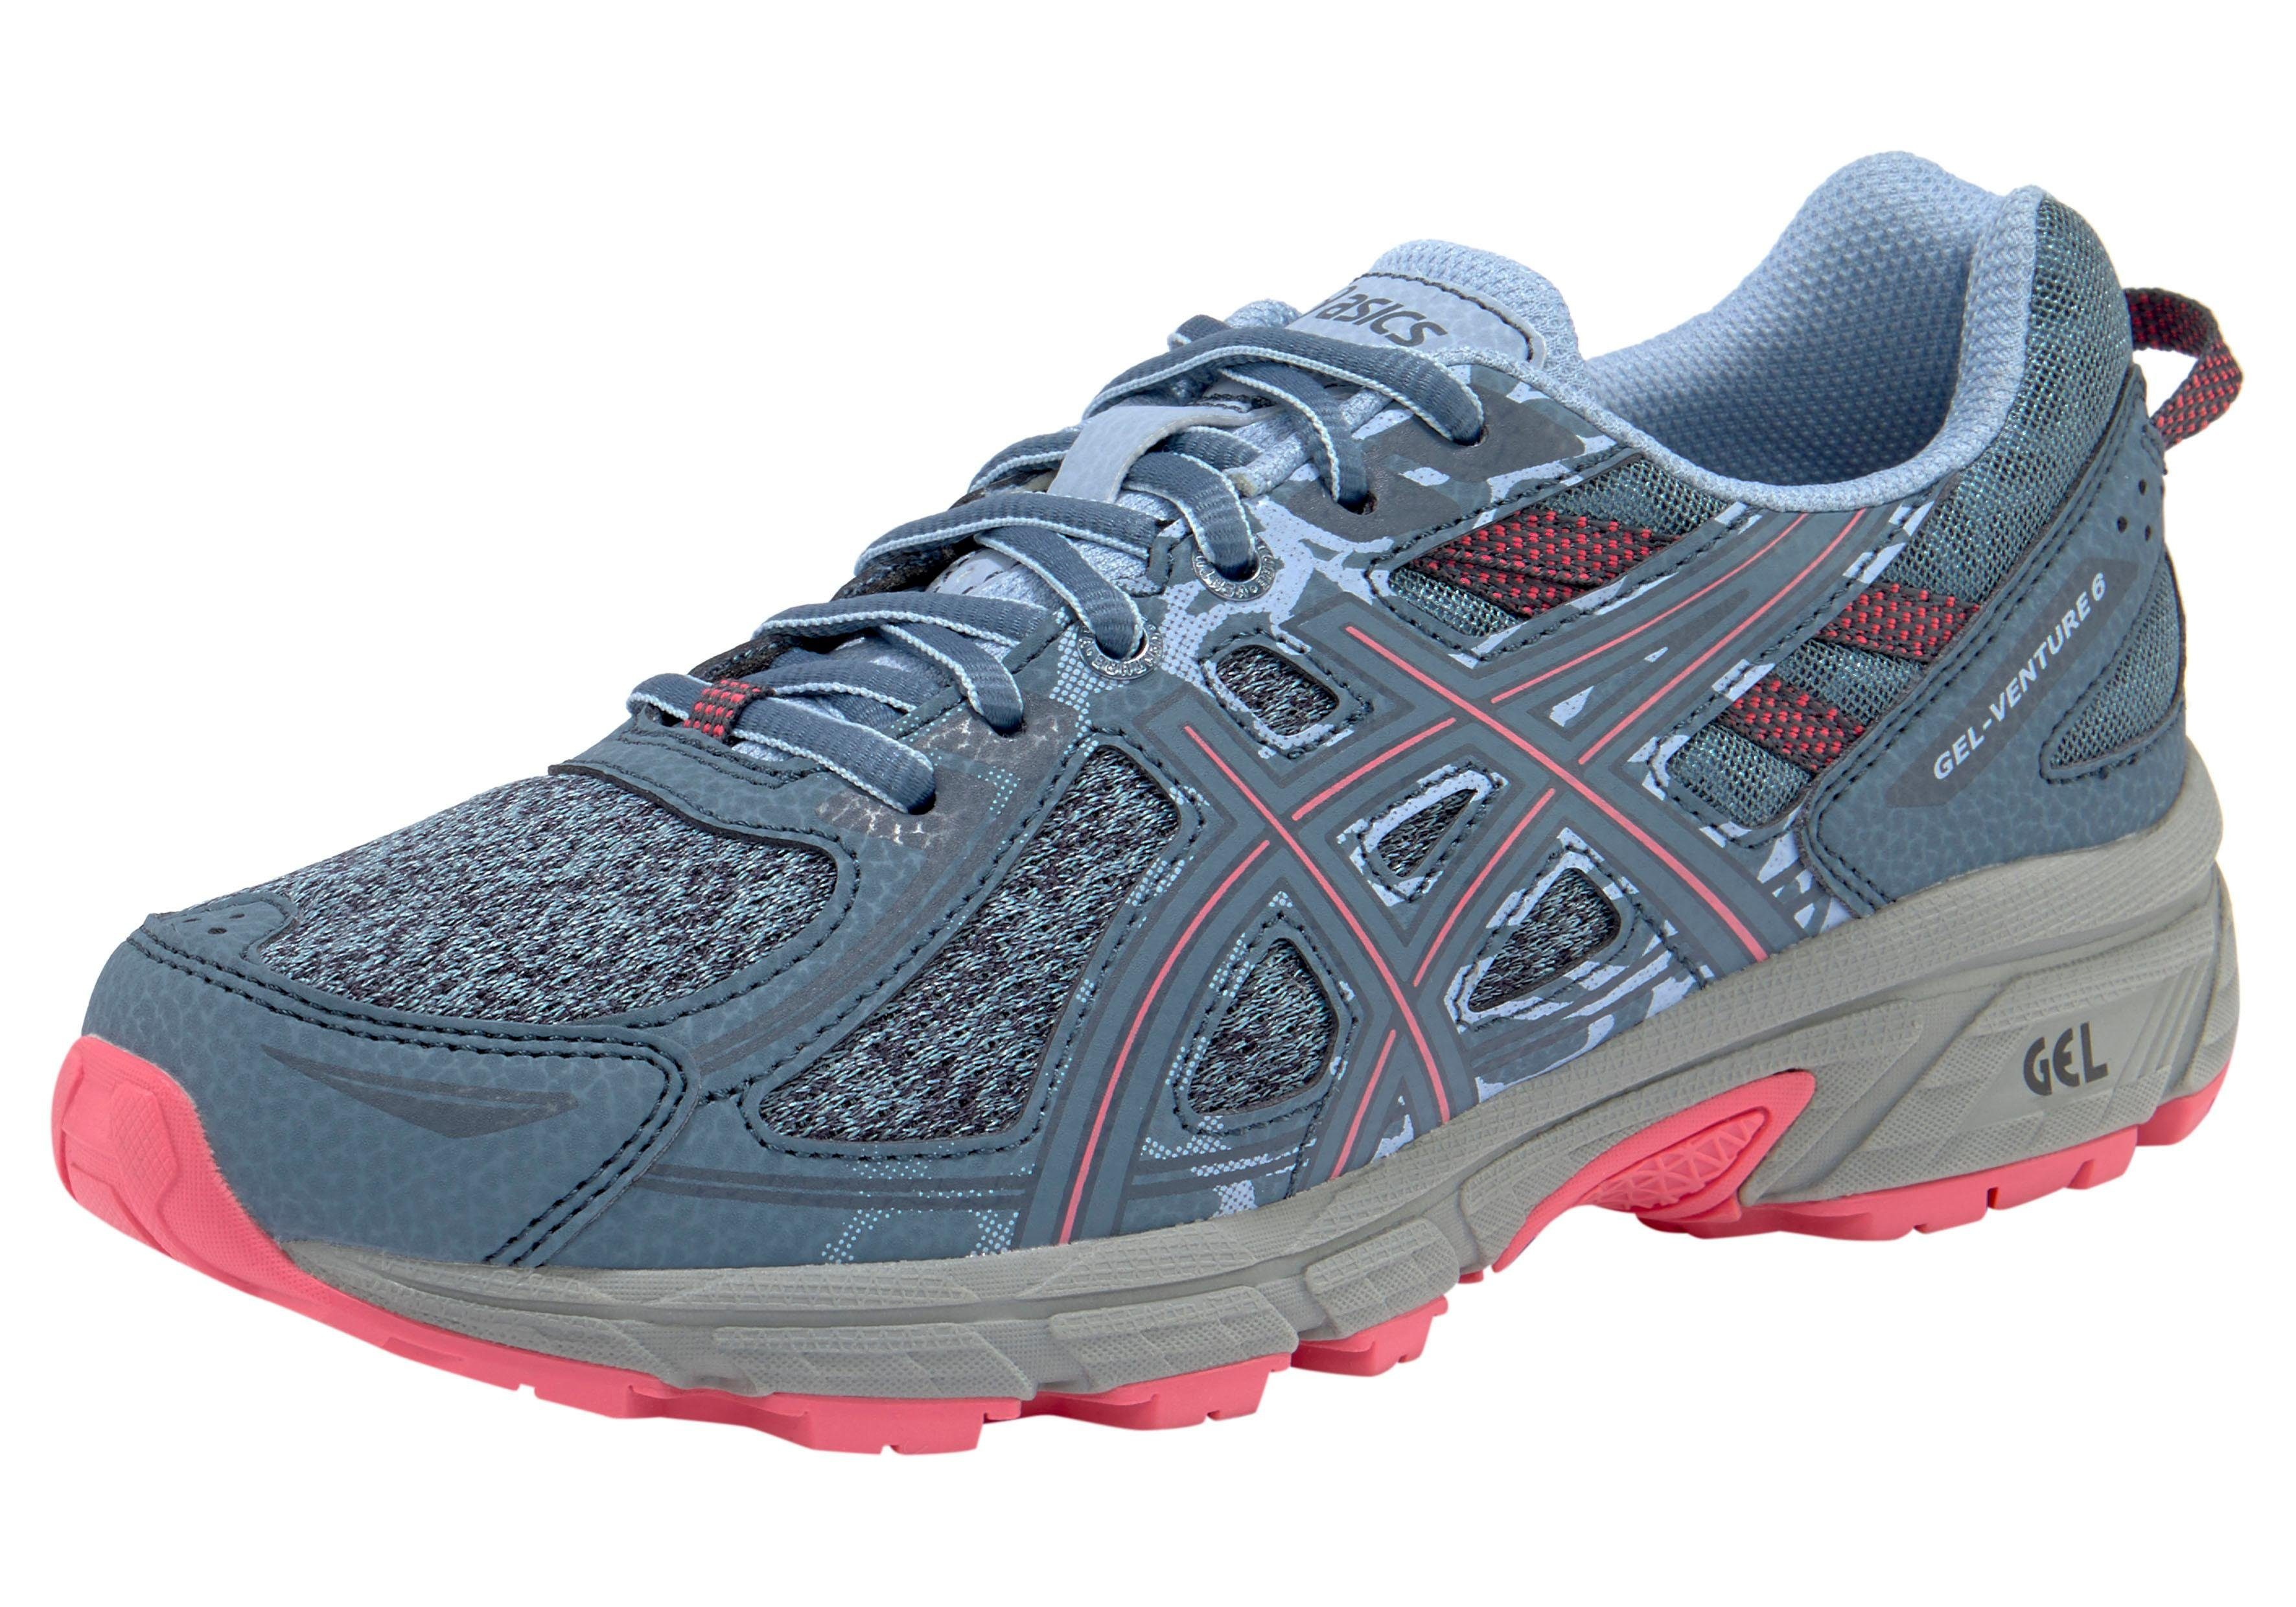 Asics »GEL VENTURE 6 W« Laufschuh, Leichter Laufschuh von Asics online kaufen | OTTO